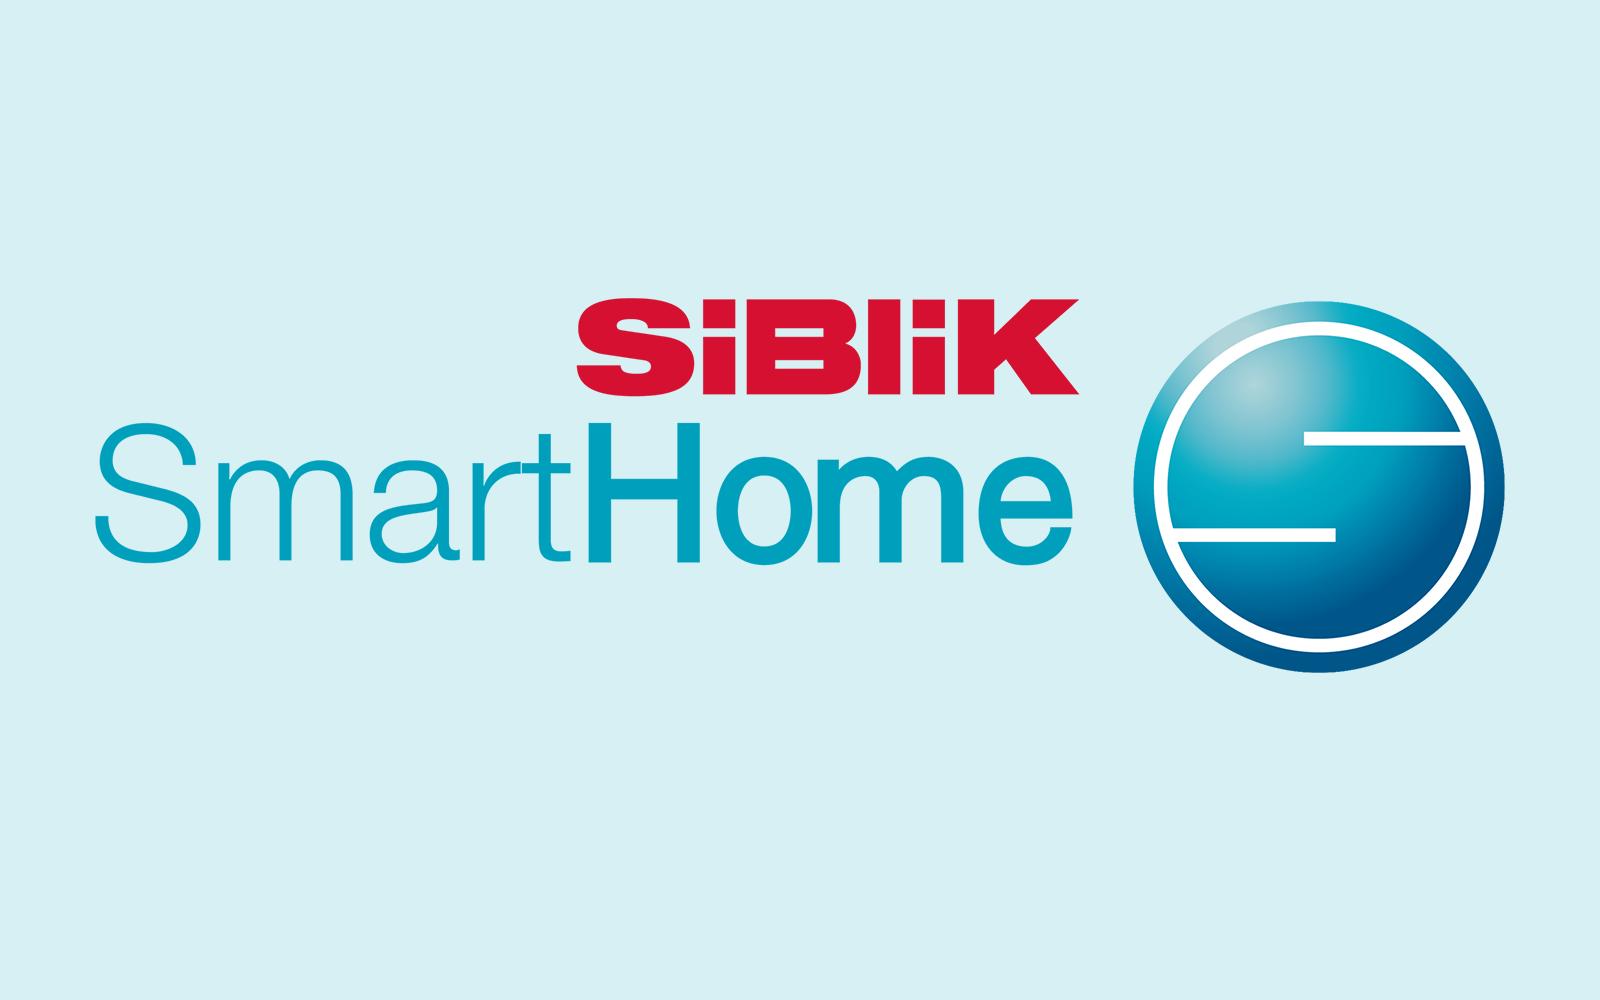 Siblik-Smart-Home-Logo